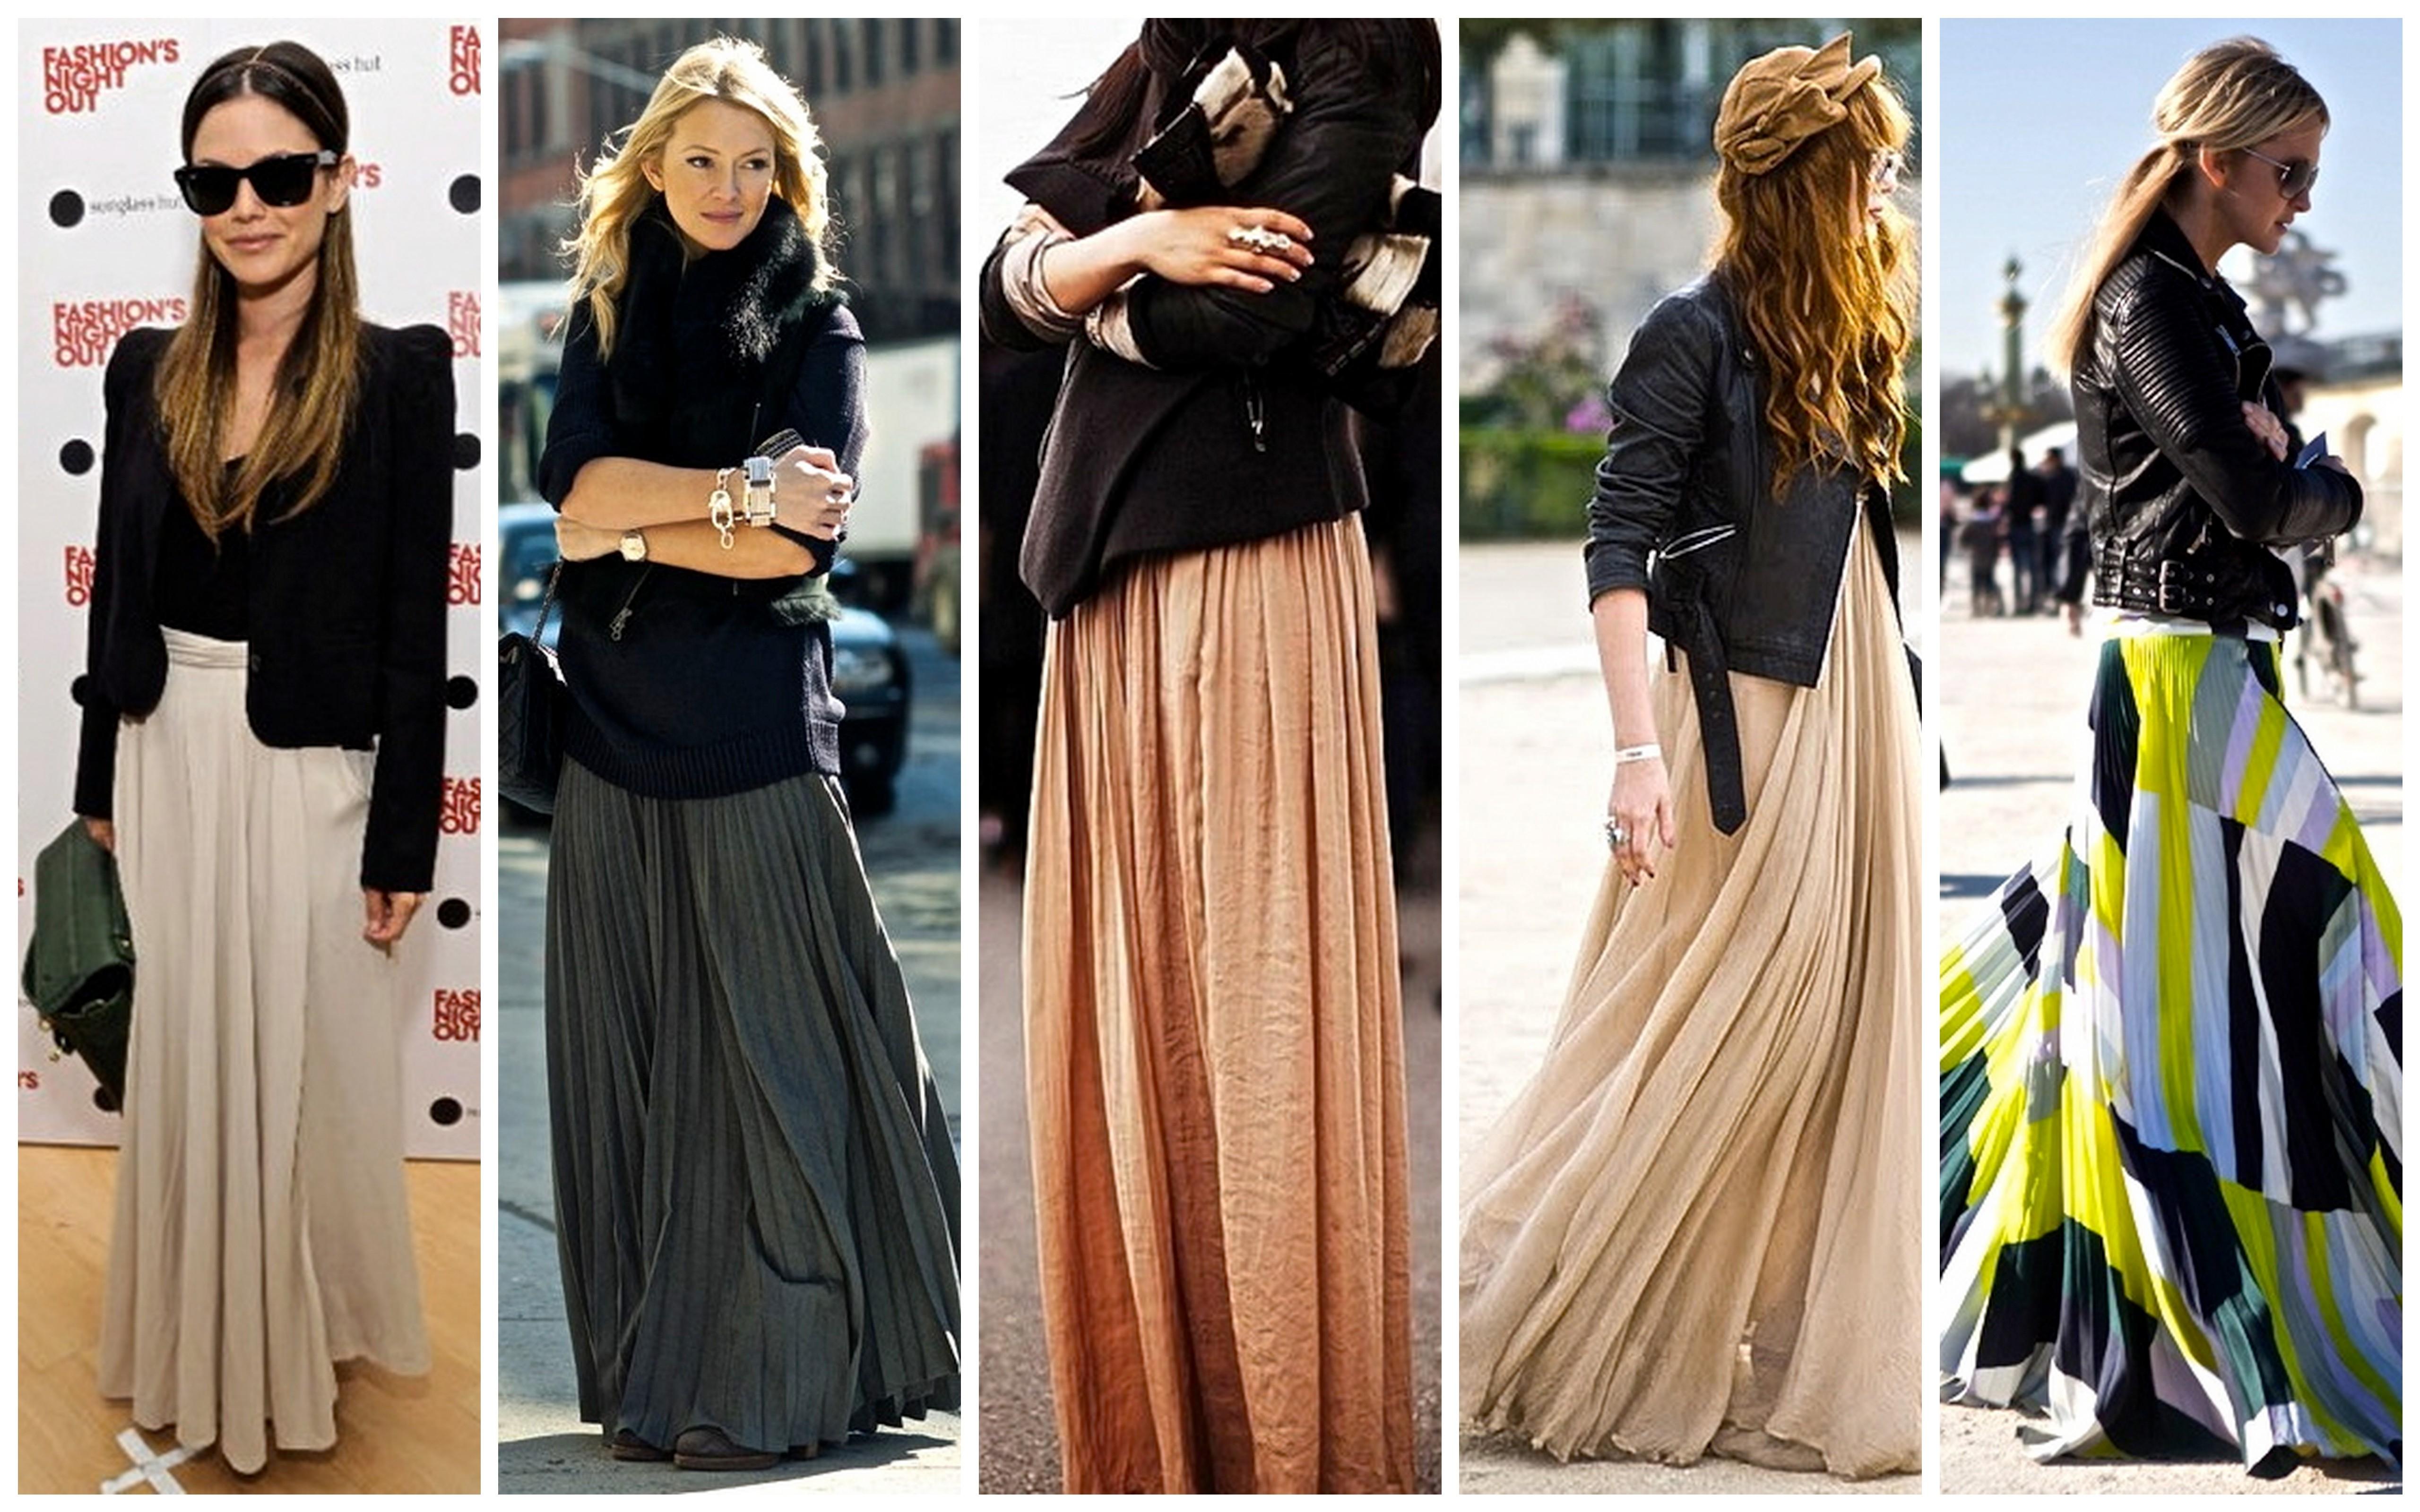 a30773ce2d61 Maxi Skirt  Πως να φορέσεις τη μάξι φούστα το χειμώνα - Fay s book